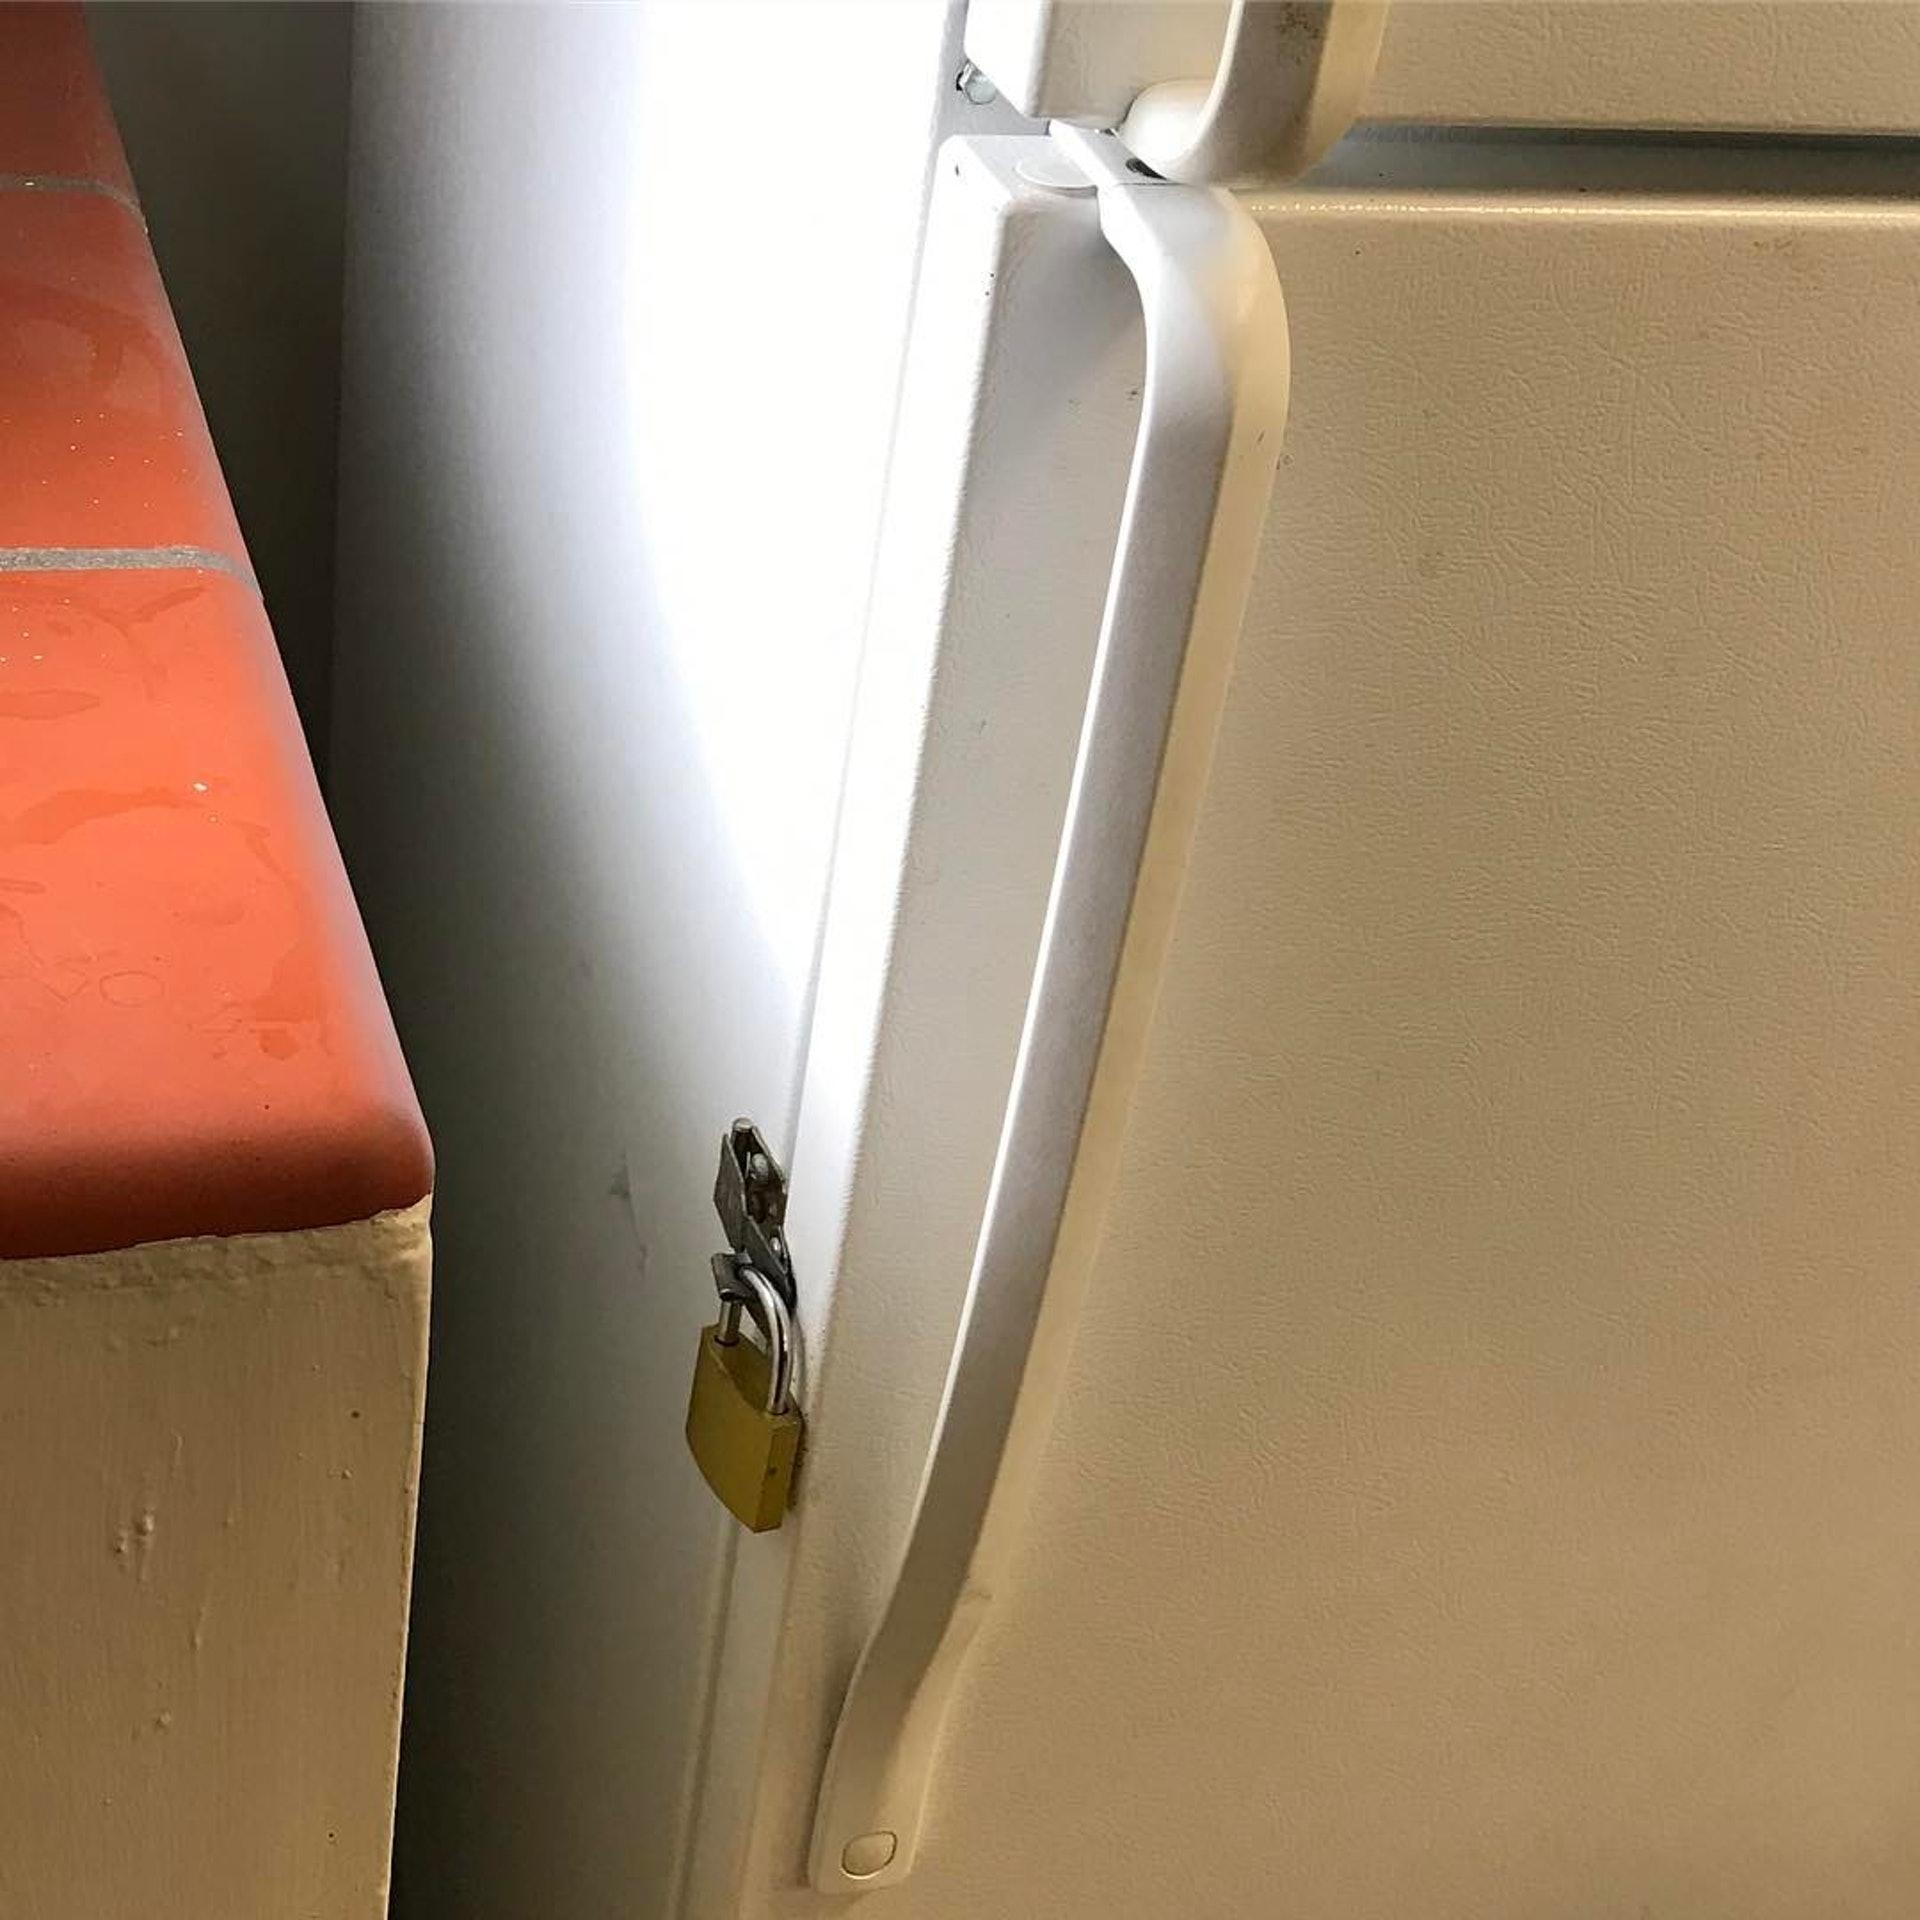 若家中有喜歡開冰箱的幼兒,則要留意雪櫃是否需要上鎖、款式設計上能否支援等問題。﹙IG@von_beeze﹚